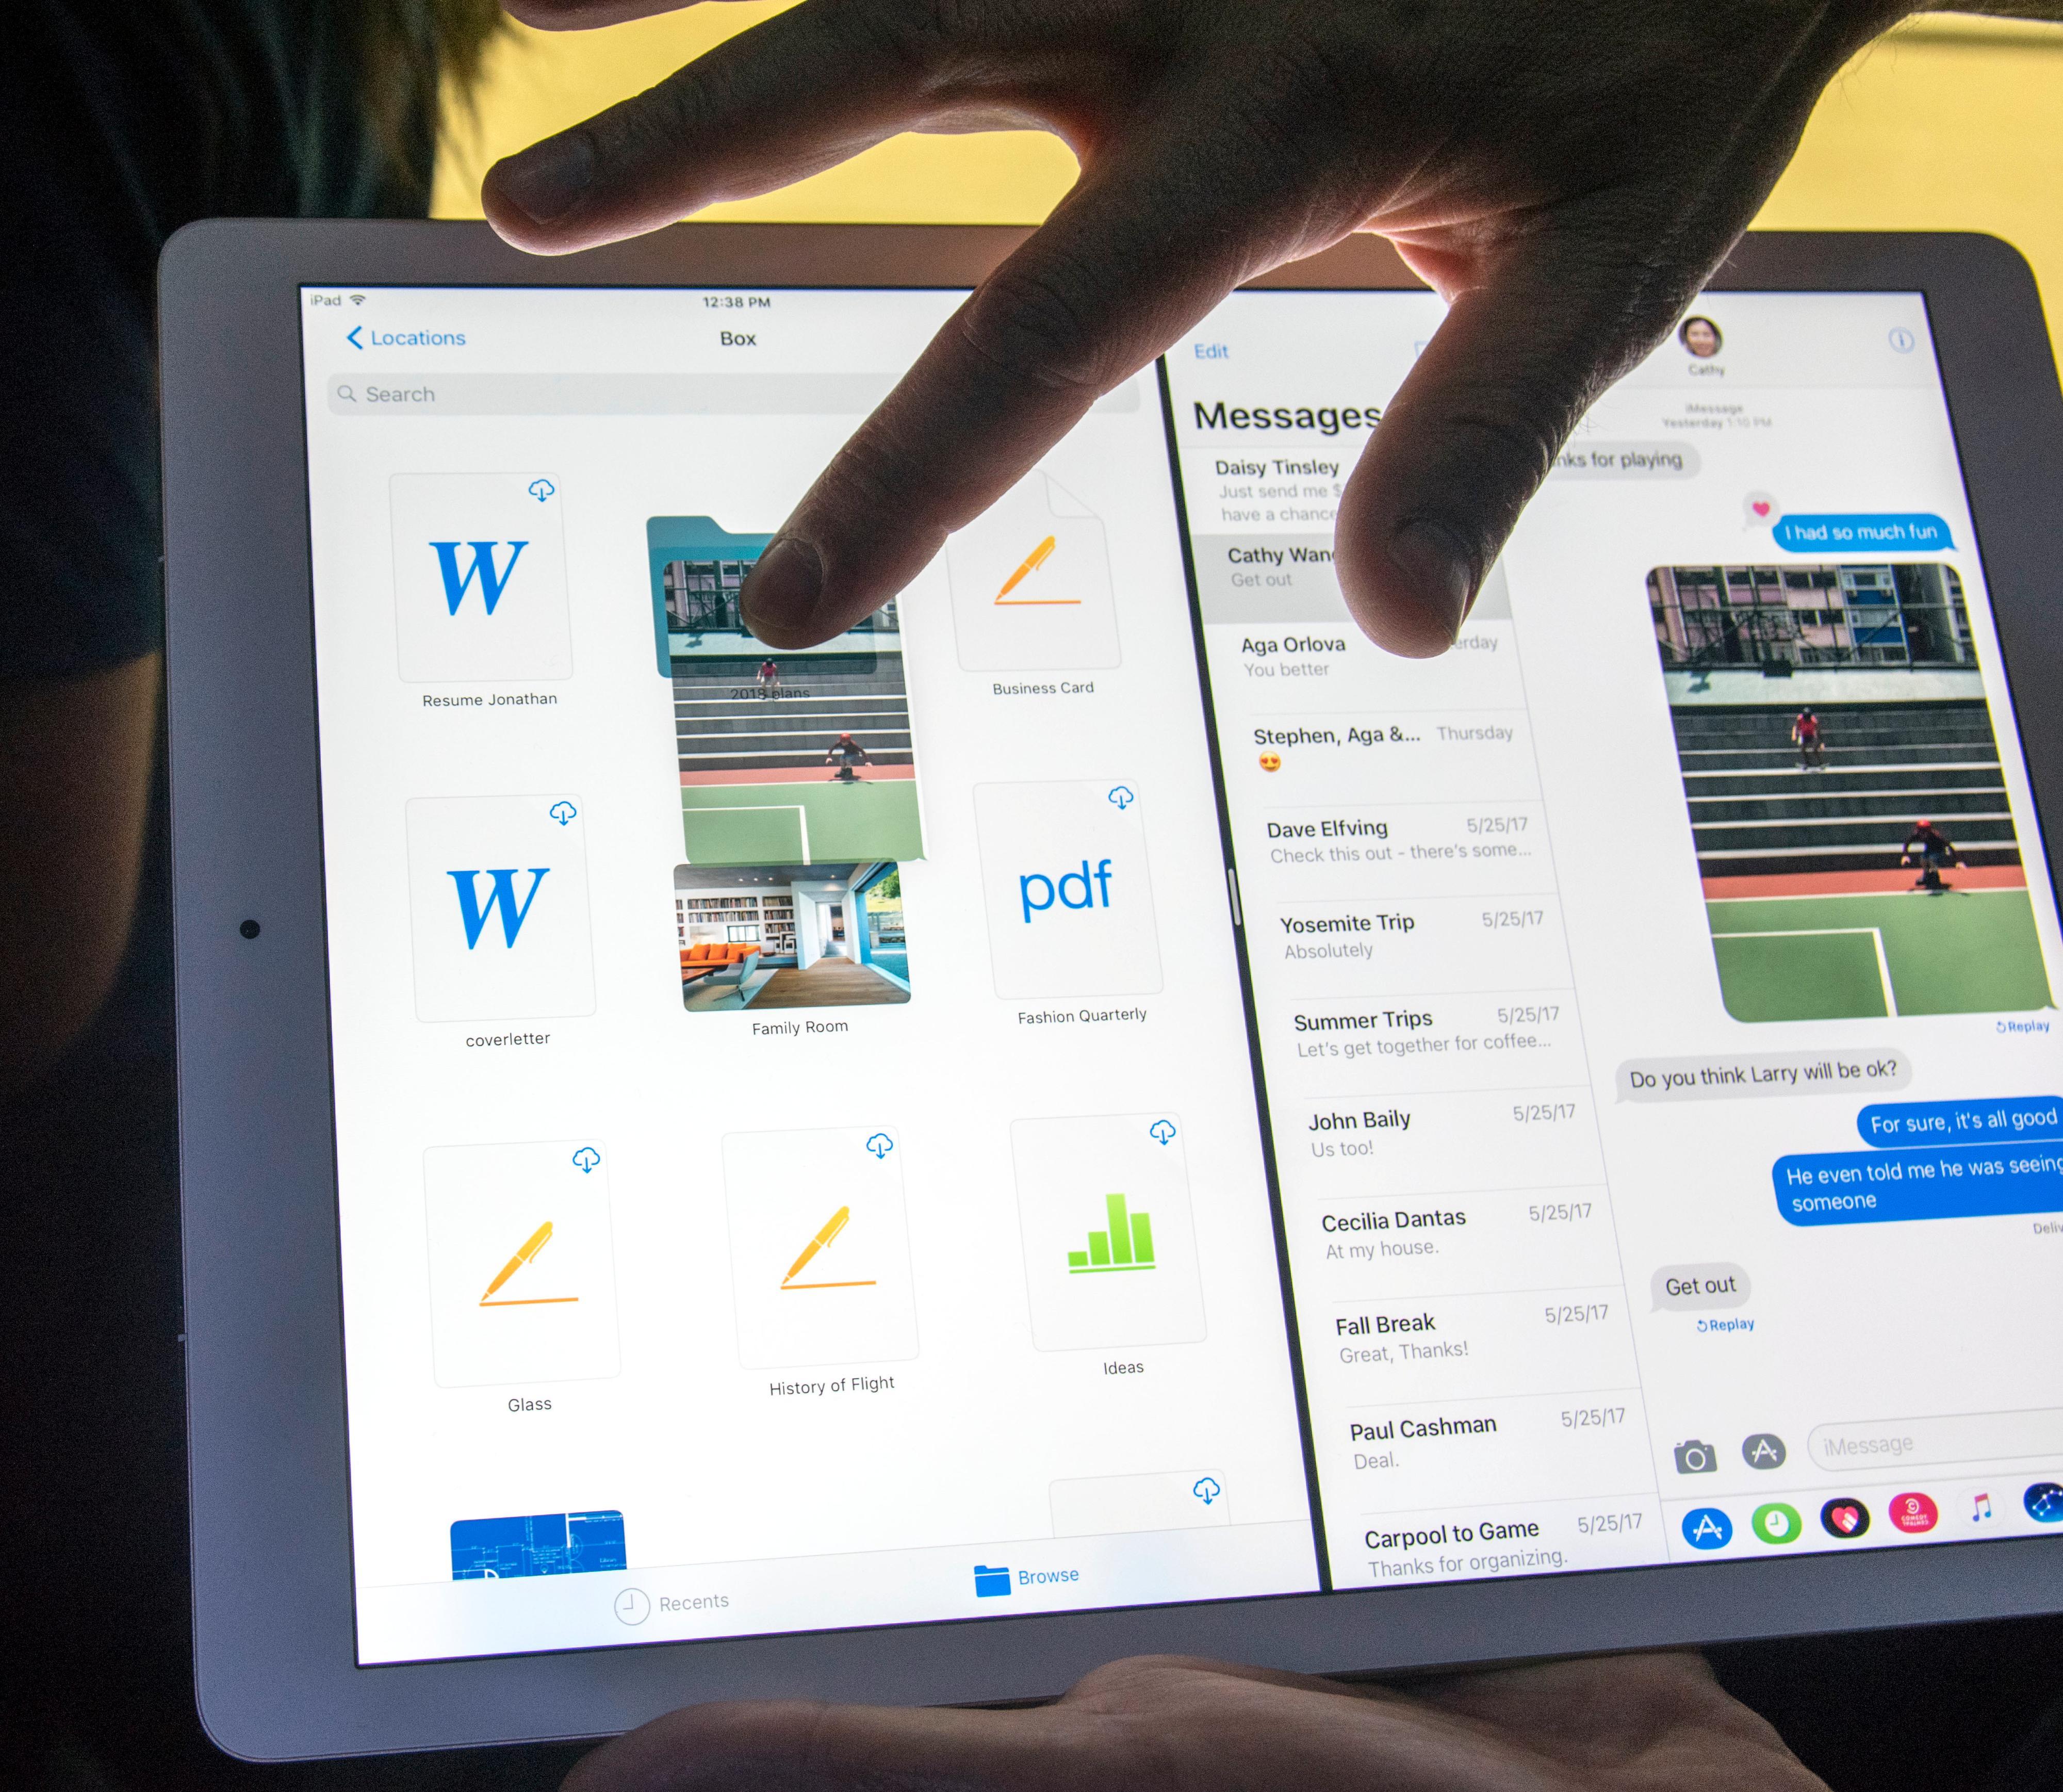 Dra og slipp-funksjonalitet gjennomsyrer iOS 11, og dermed er iPad Pro plutselig langt nærmere en vanlig datamaskin.